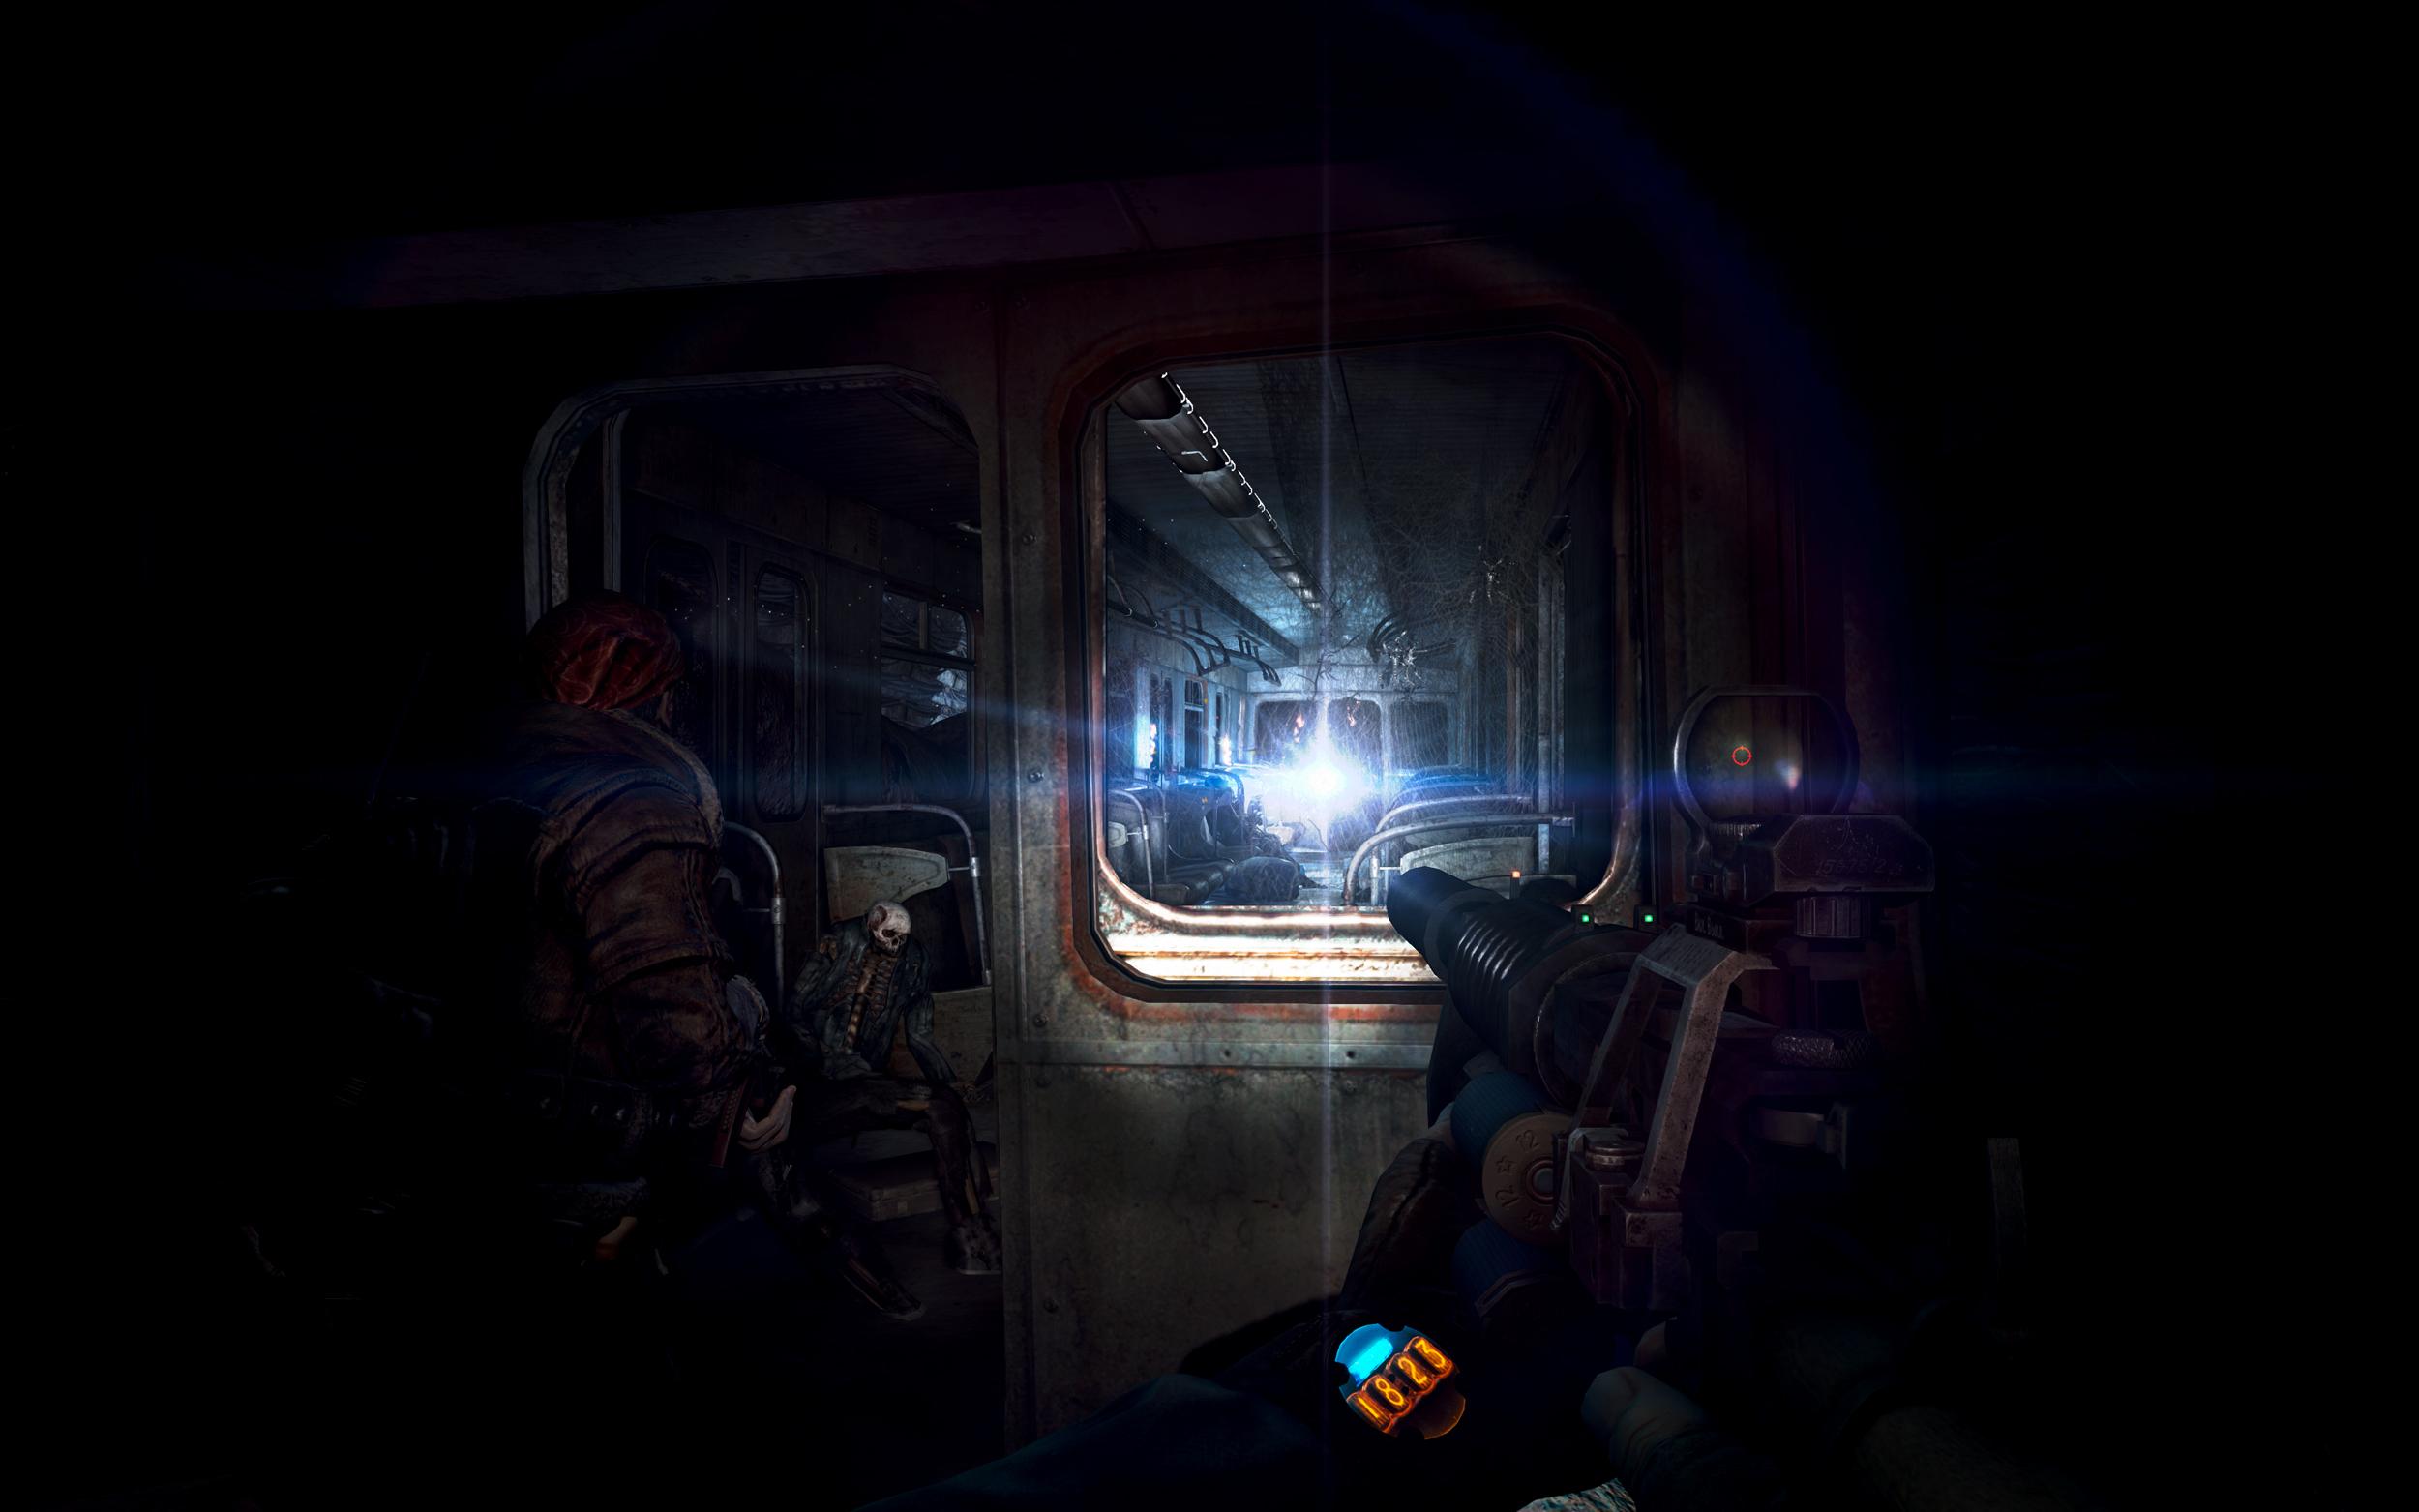 Ještě obrázky z posledního rozšíření pro Metro: Last Light 88837